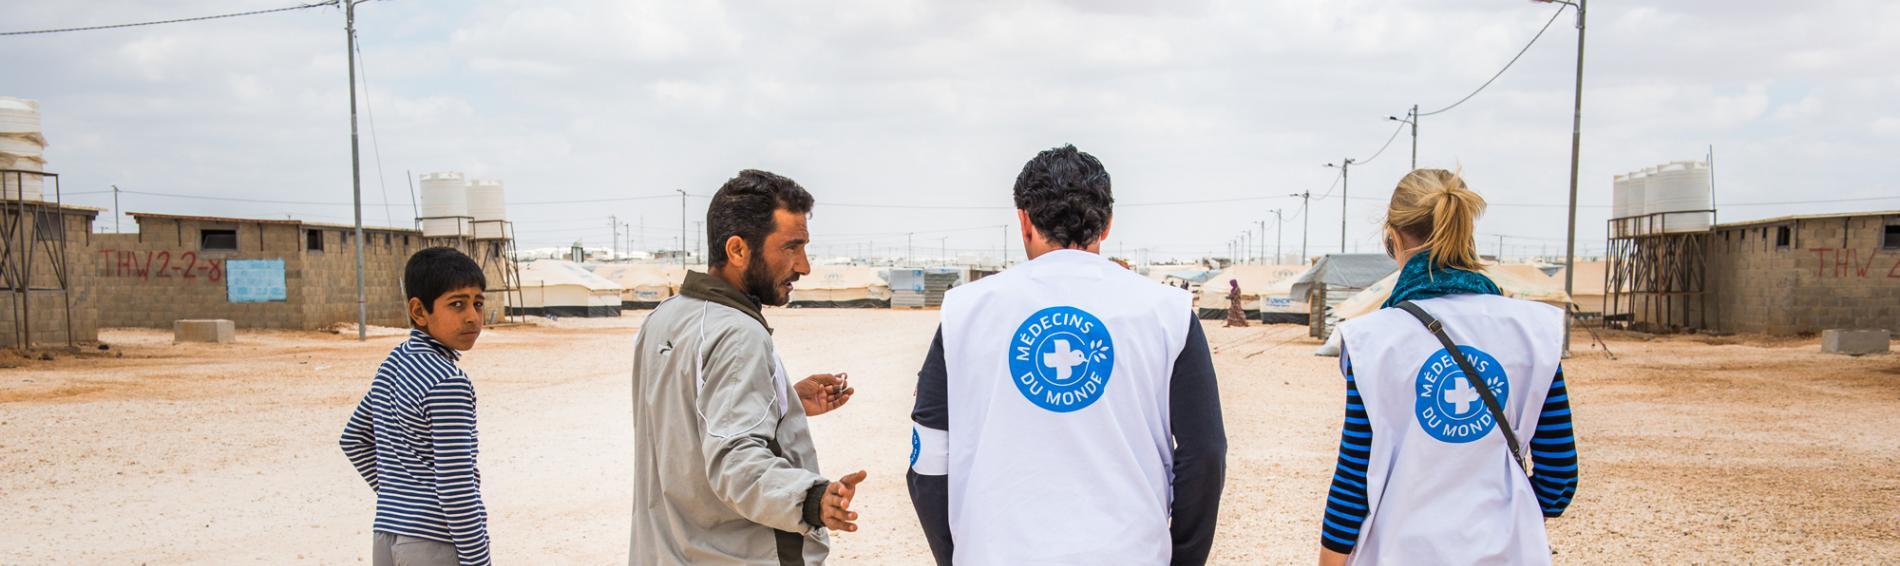 Ärzte der Welt vor einem Flüchtlingscamp in Jordanien Foto: Clément Mahoudeau